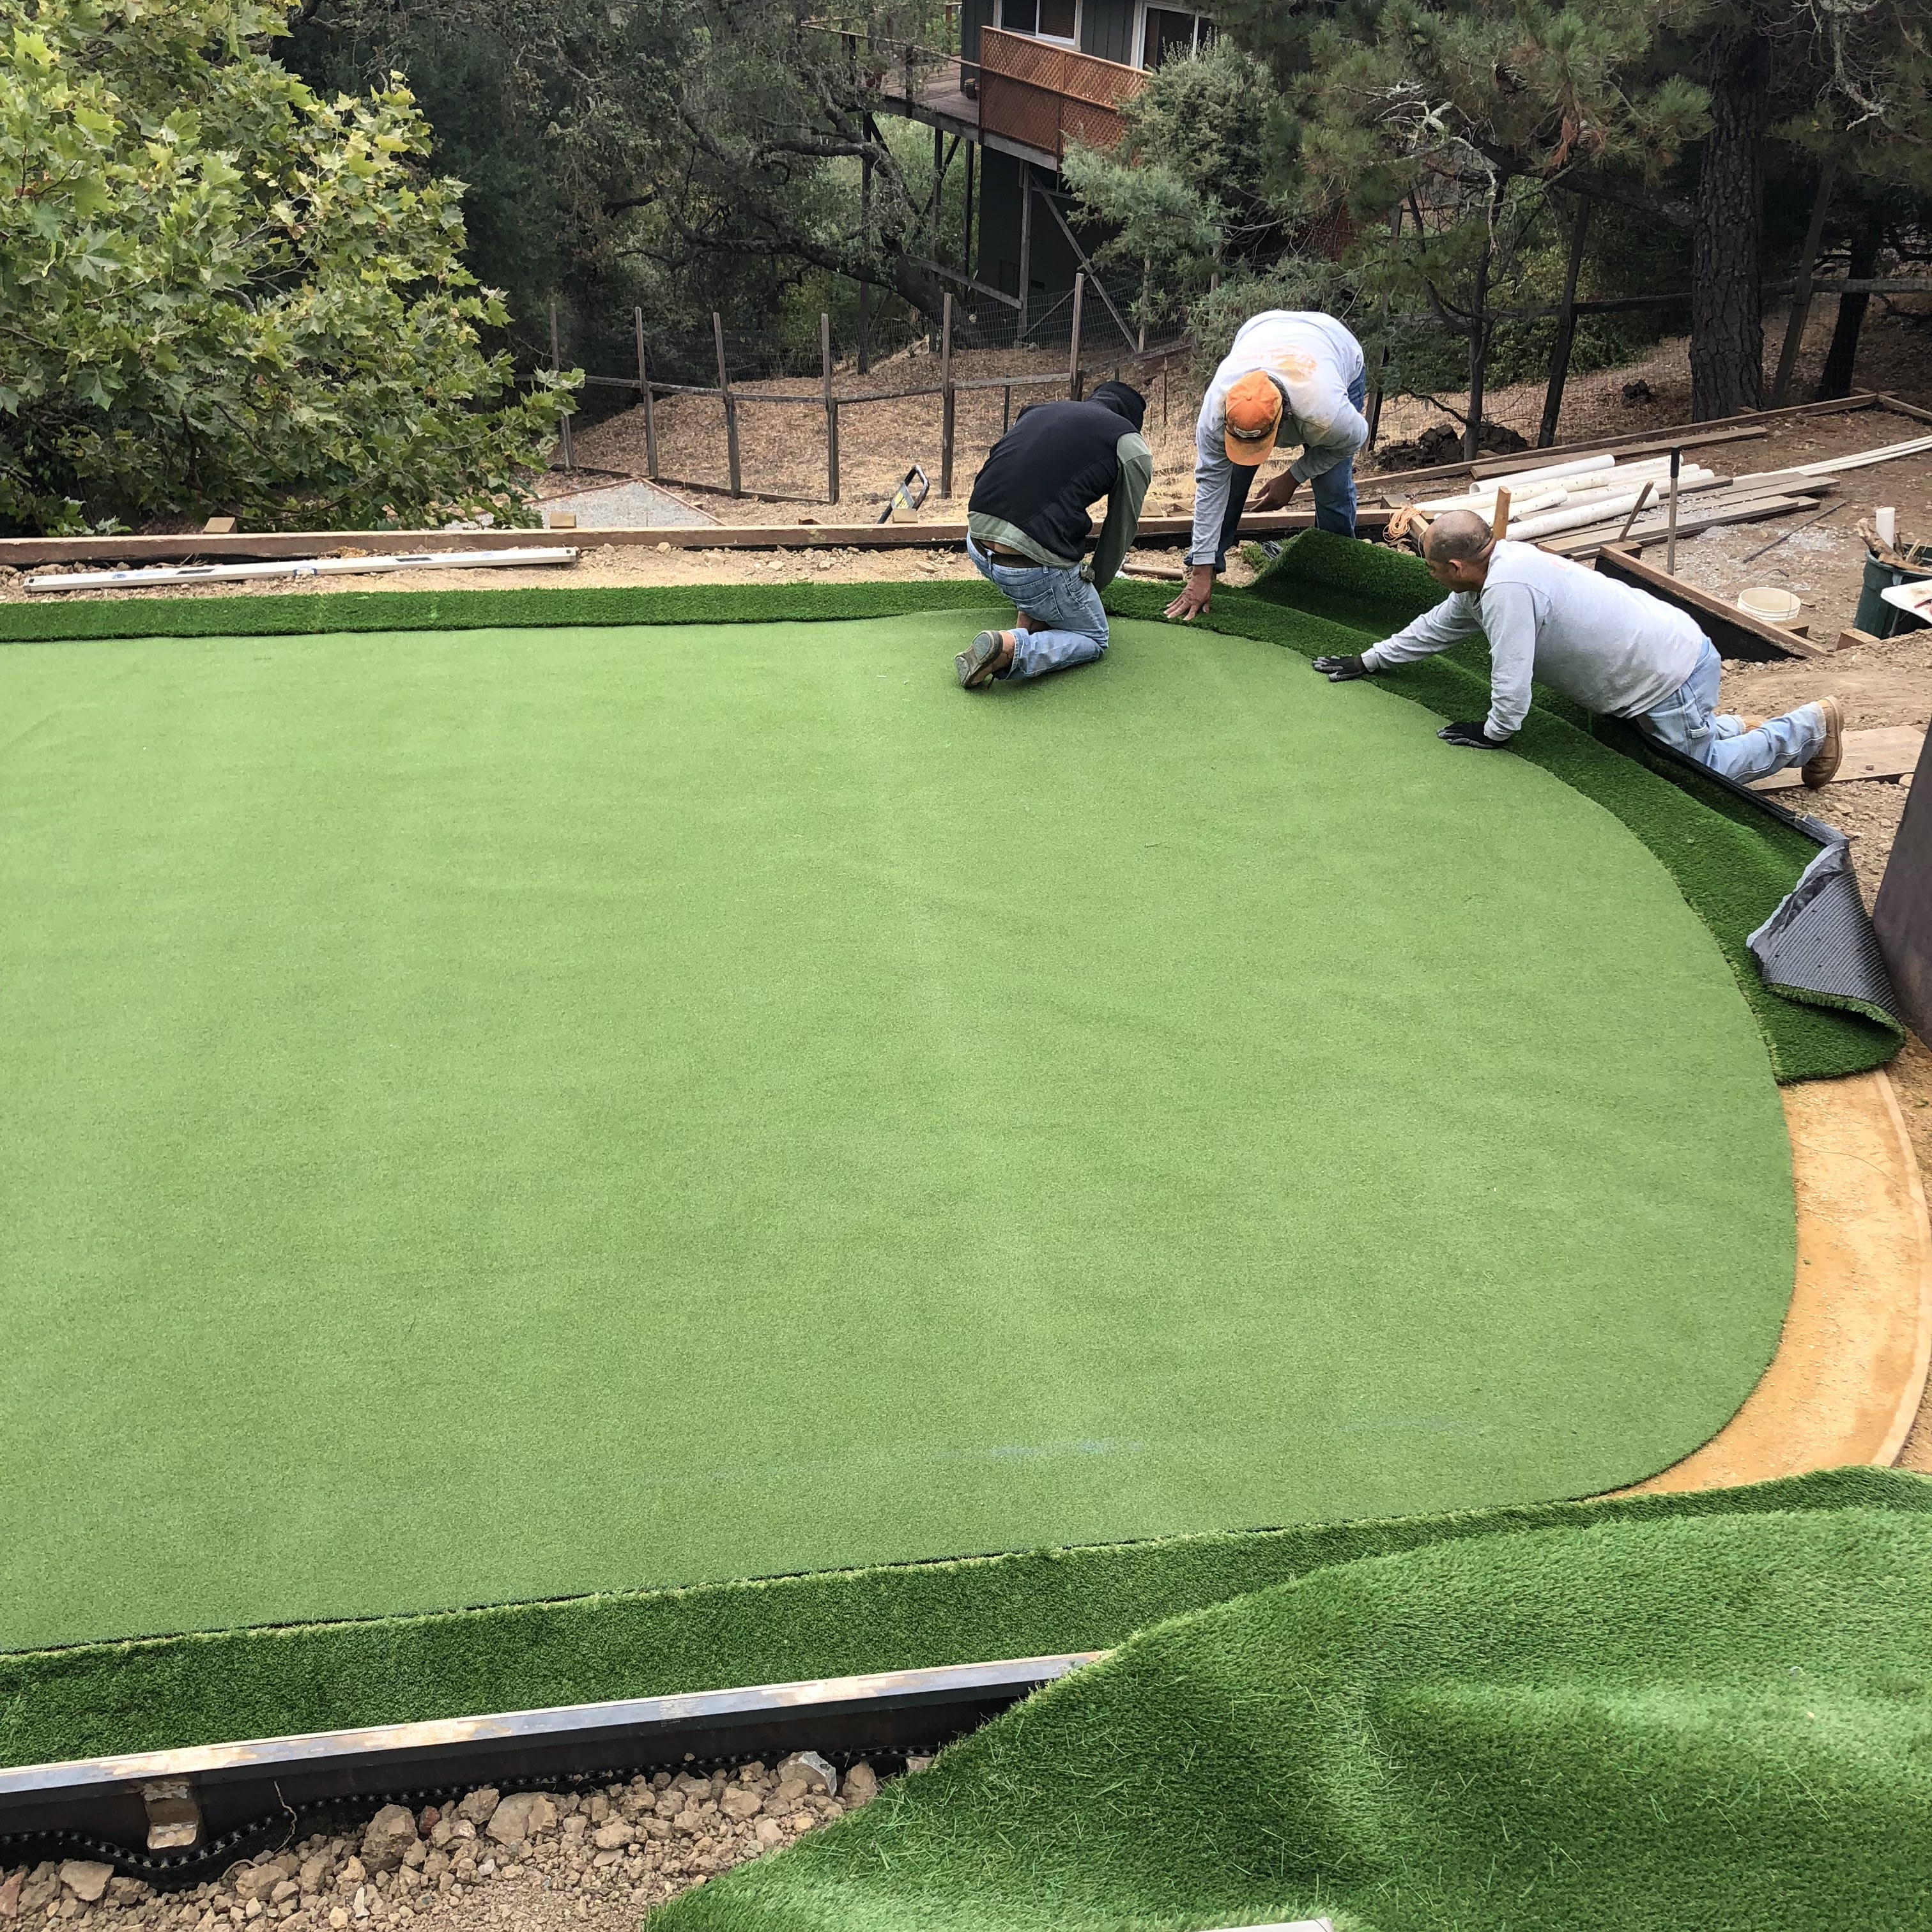 Pro Putt-44 fake green grass,green grass carpet,fake grass for yard,backyard turf,turf backyard,turf yard,fake grass for backyard